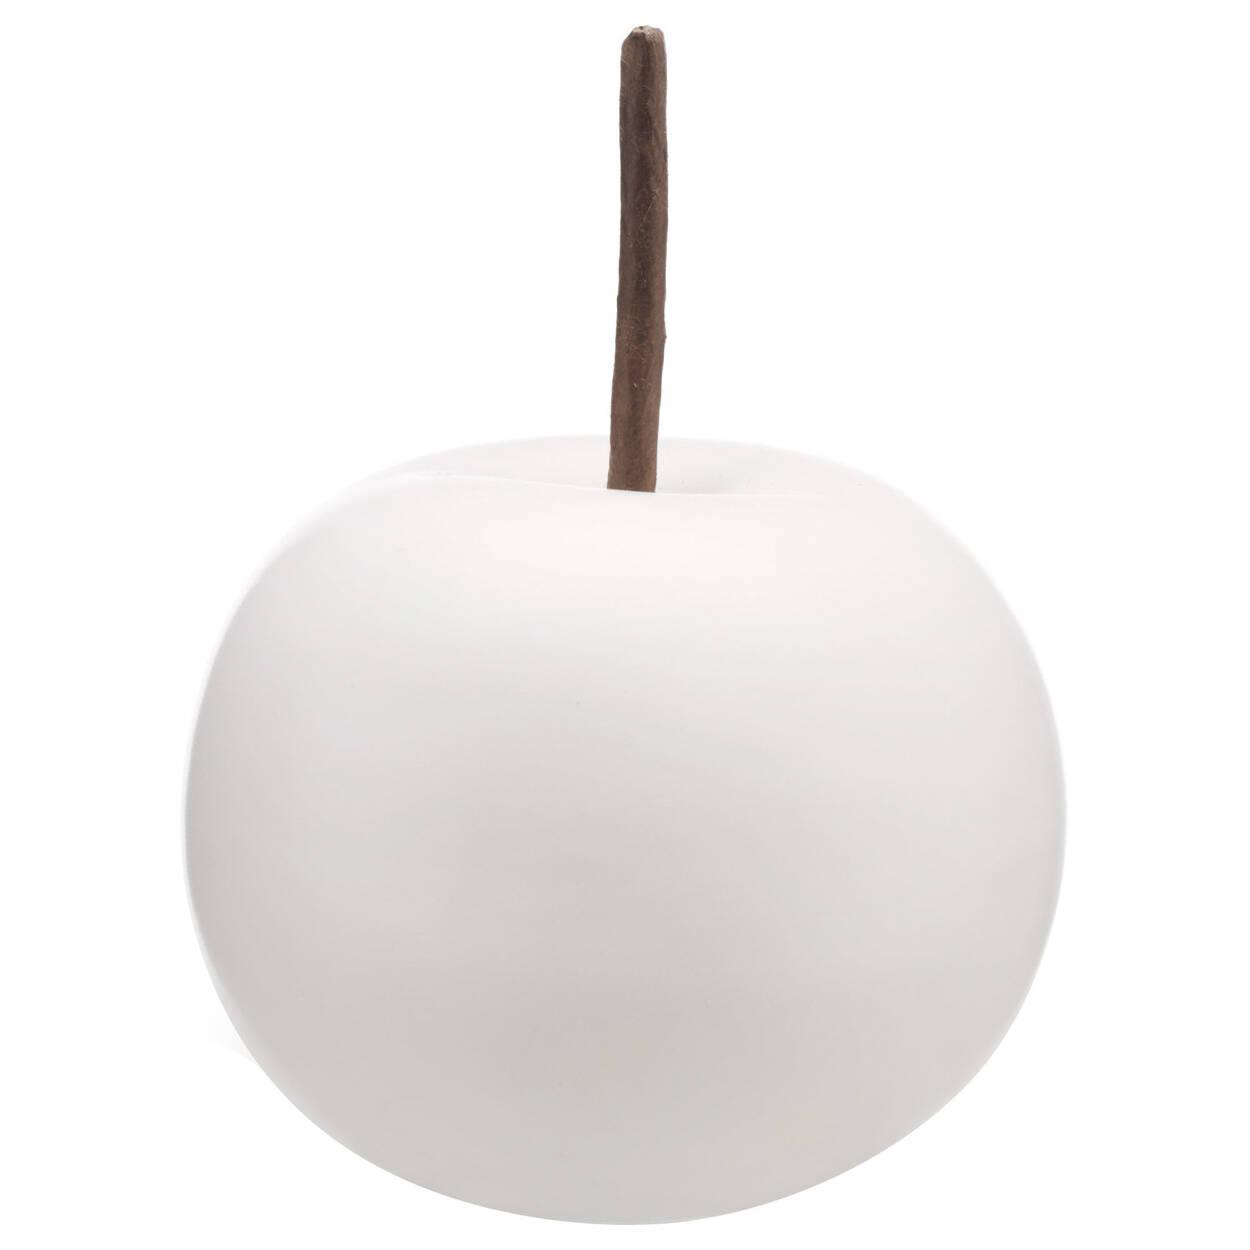 Ceramic Apple